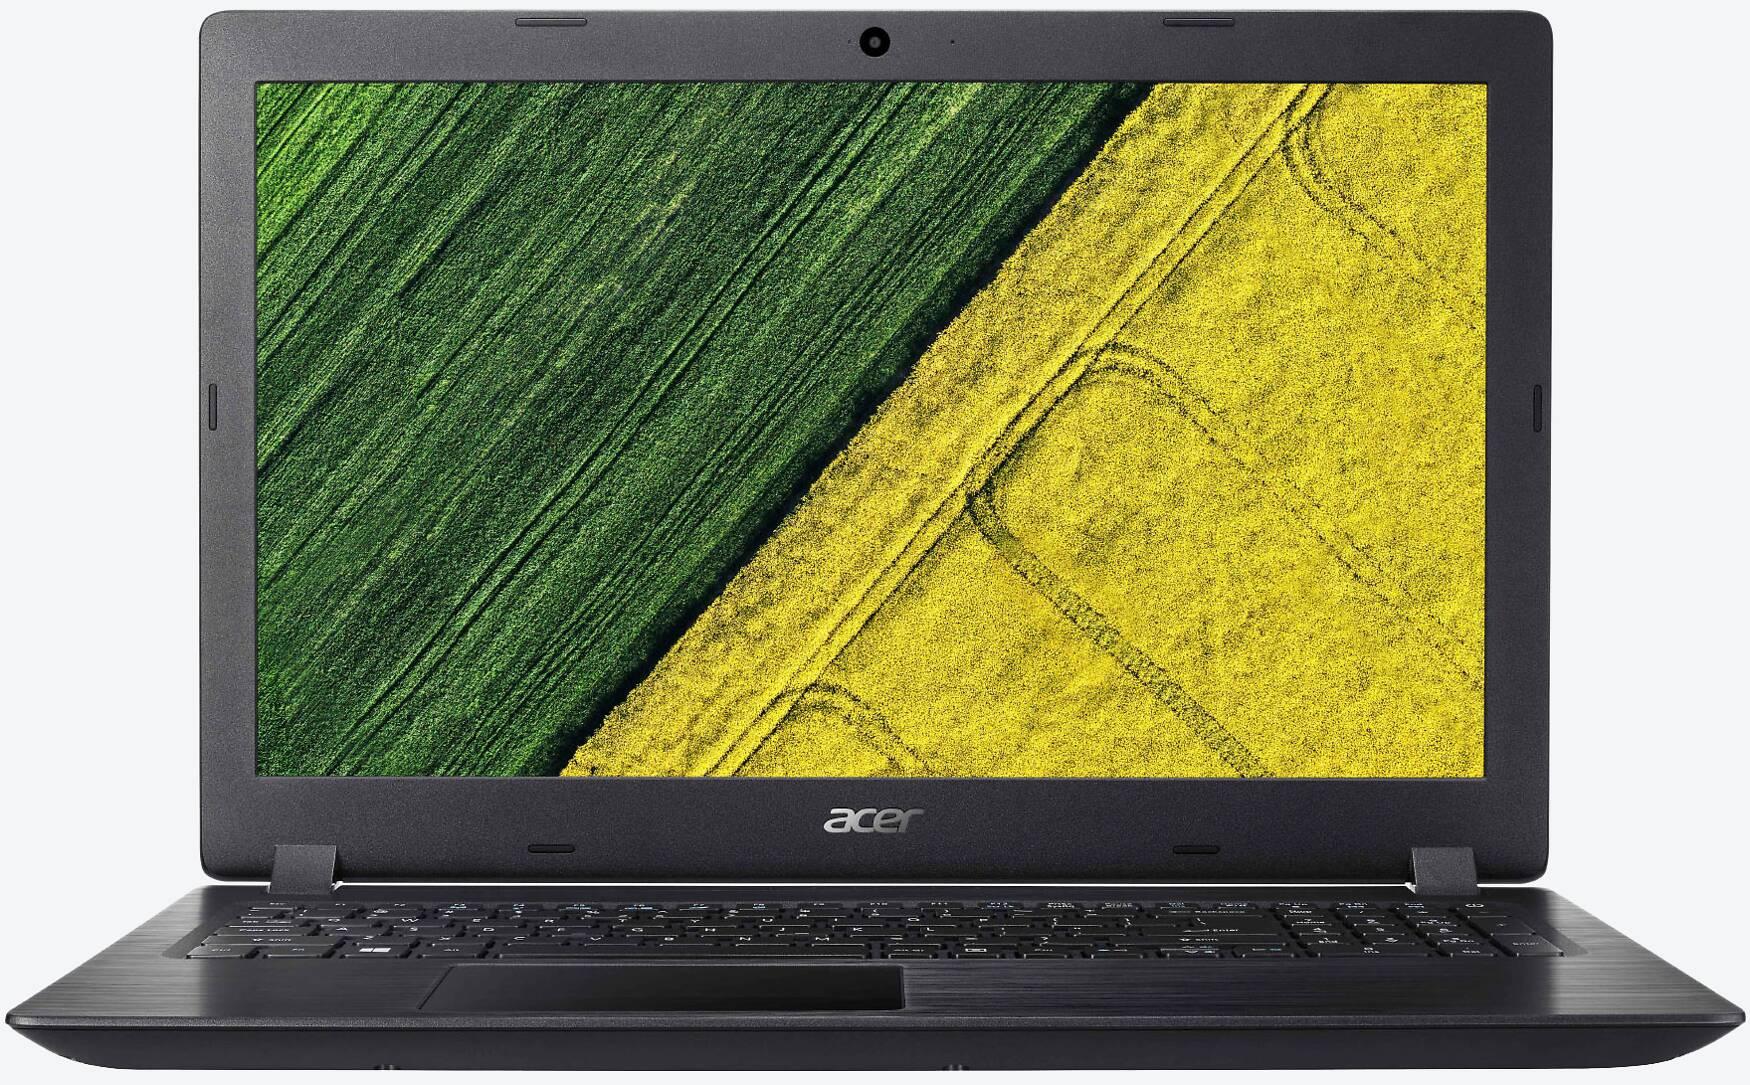 Acer Aspire 3 A315-41-R3U6